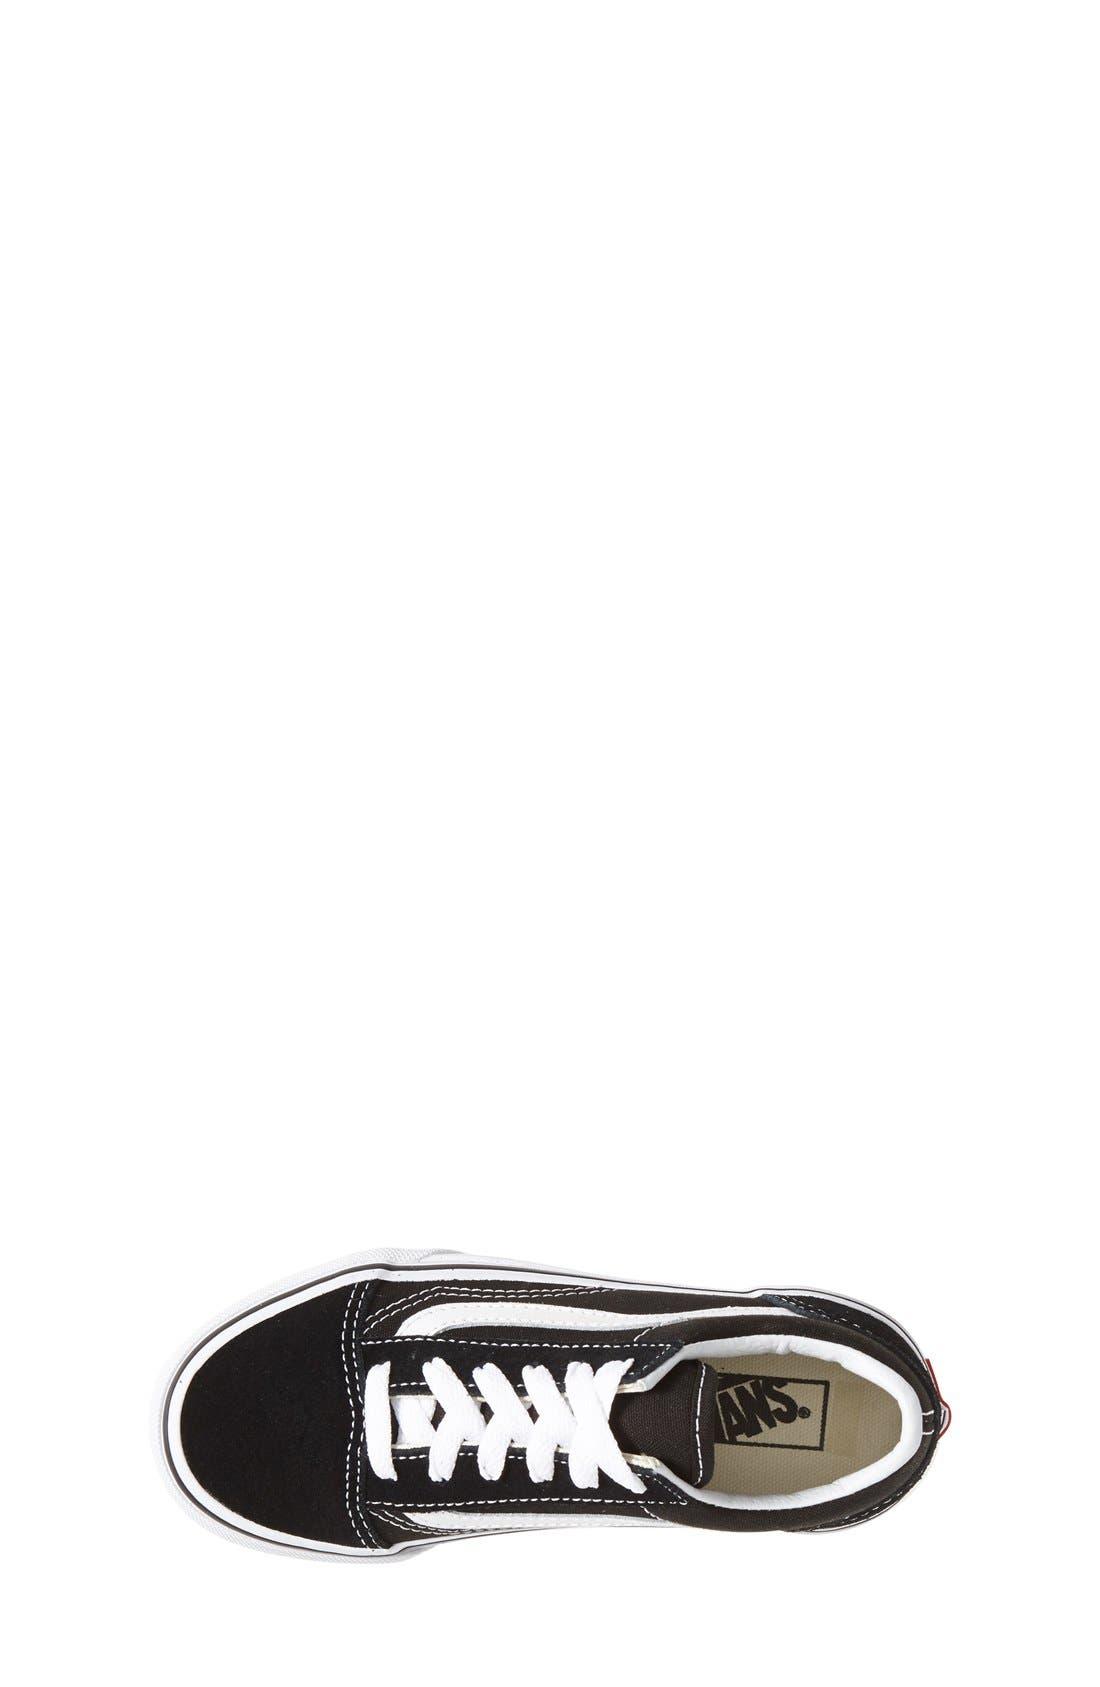 Alternate Image 3  - Vans 'Old Skool' Skate Sneaker (Toddler, Little Kid & Big Kid)